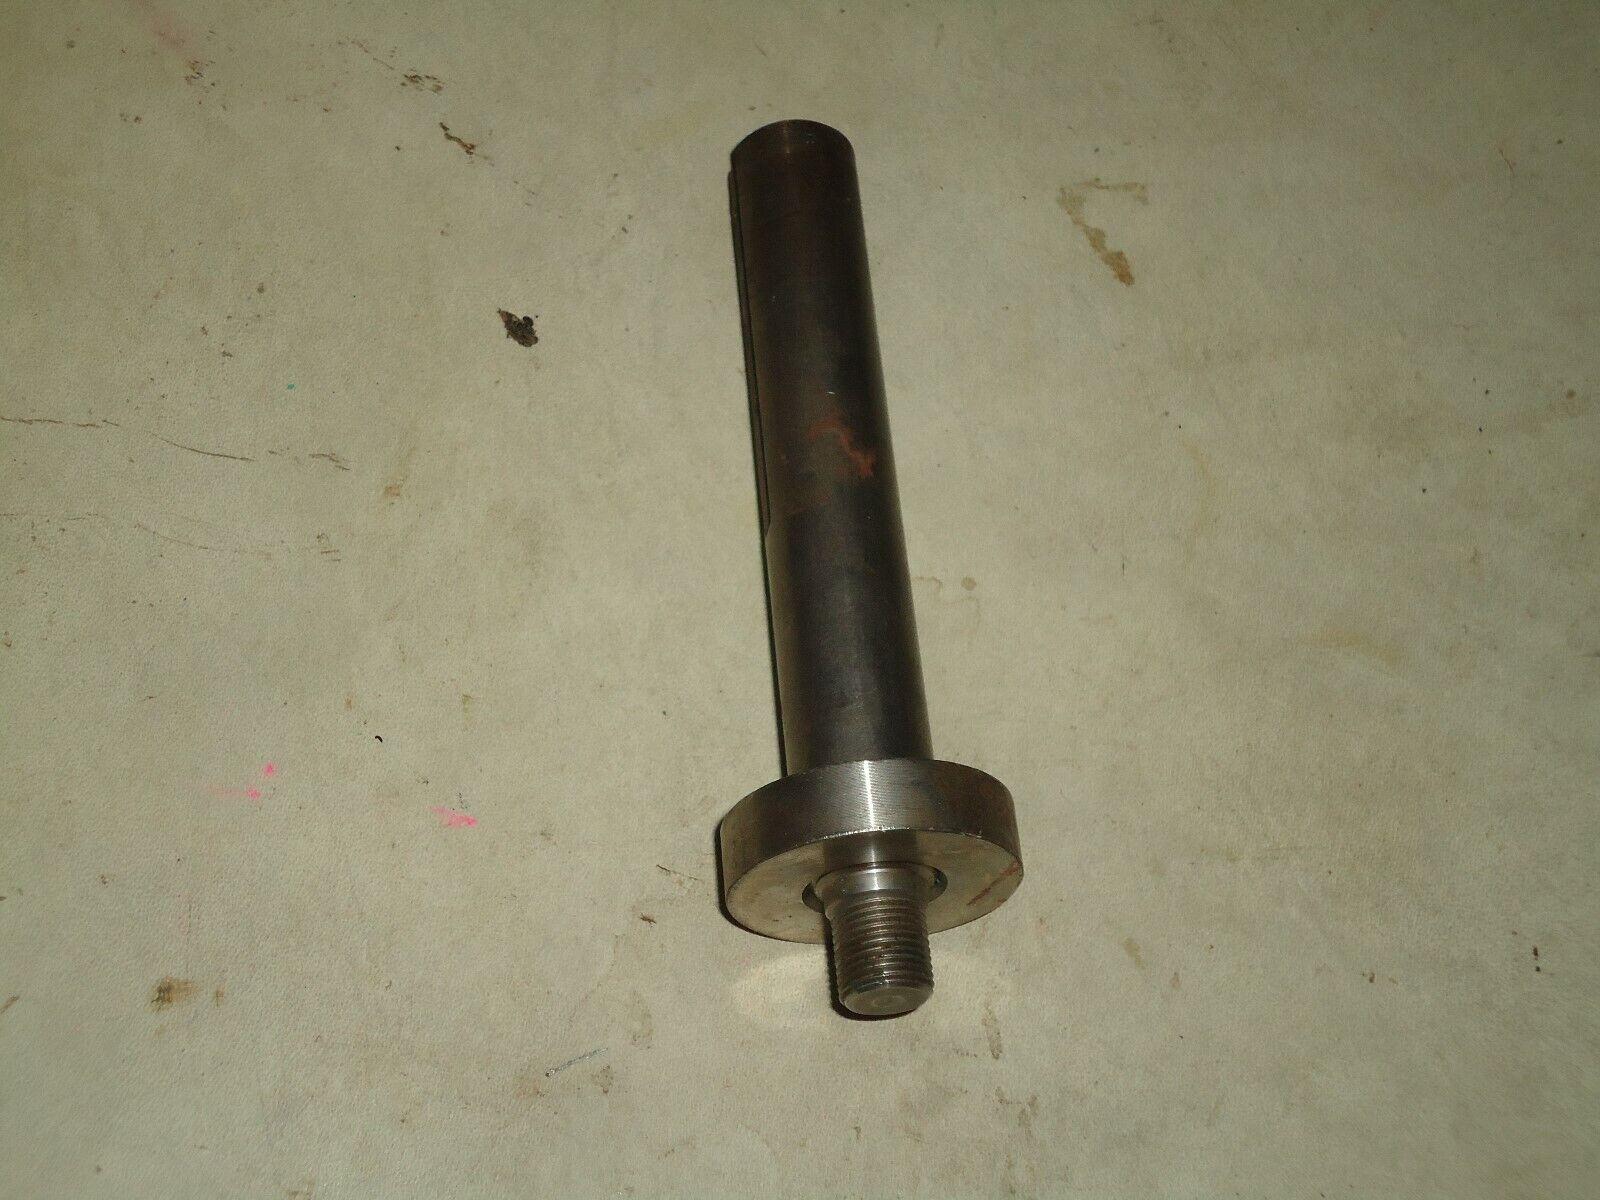 Nuevo Original Equipment Manufacturer DIXON Eje Eje 13706 Husqvarna   539119693